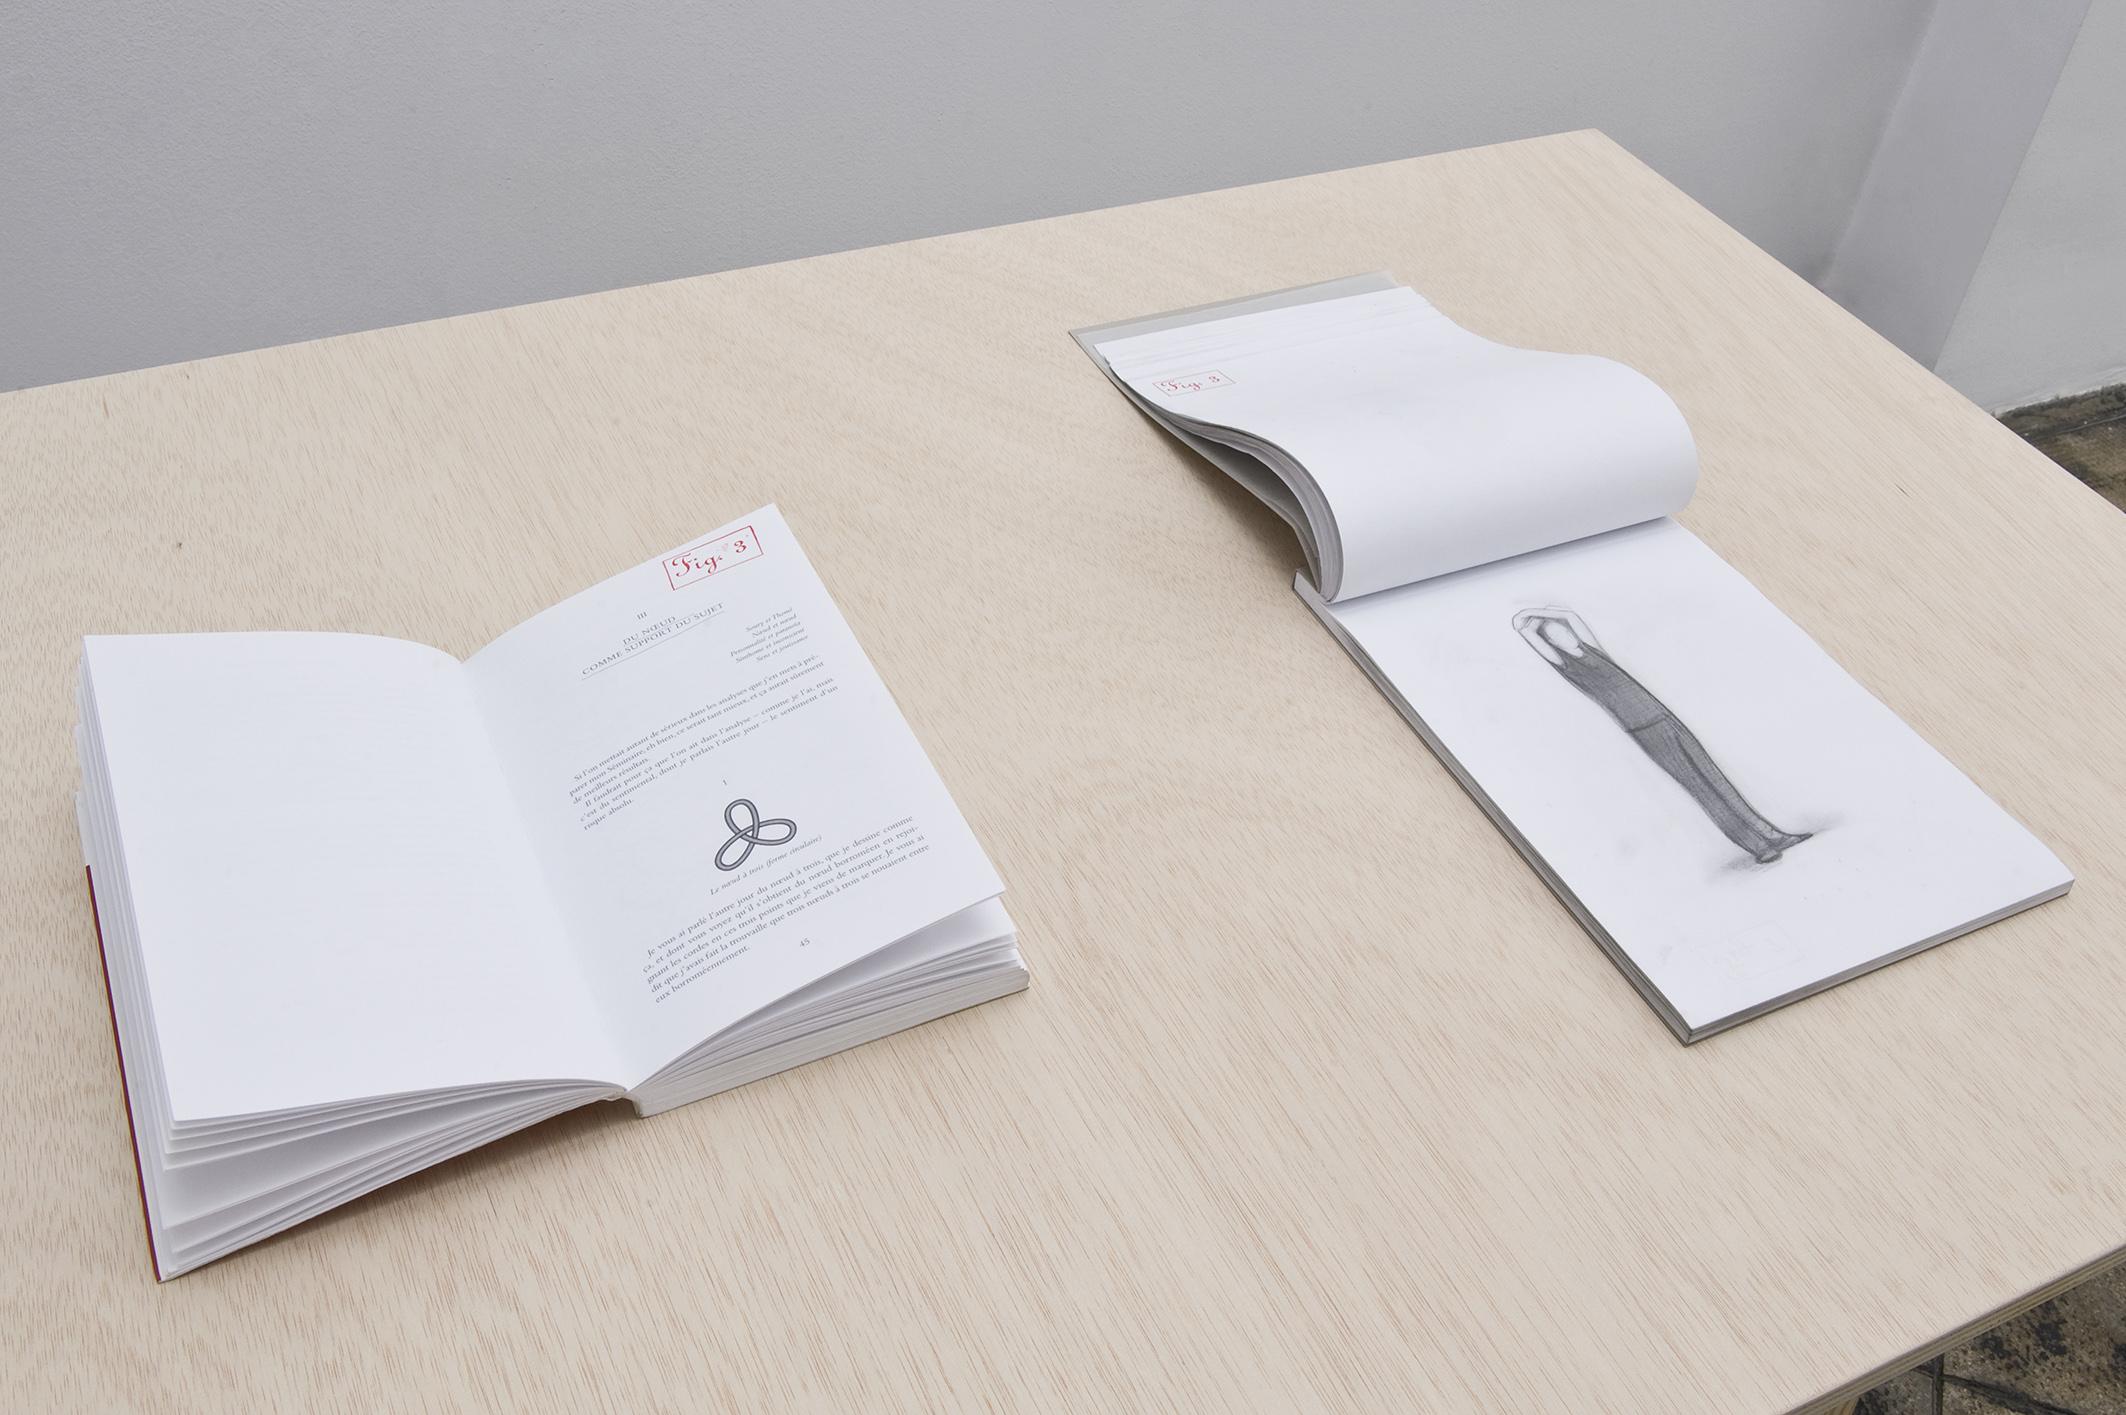 Partitura Sinthome (Estudios preparatorios), 2013 | Here Comes Everybody | ProjecteSD